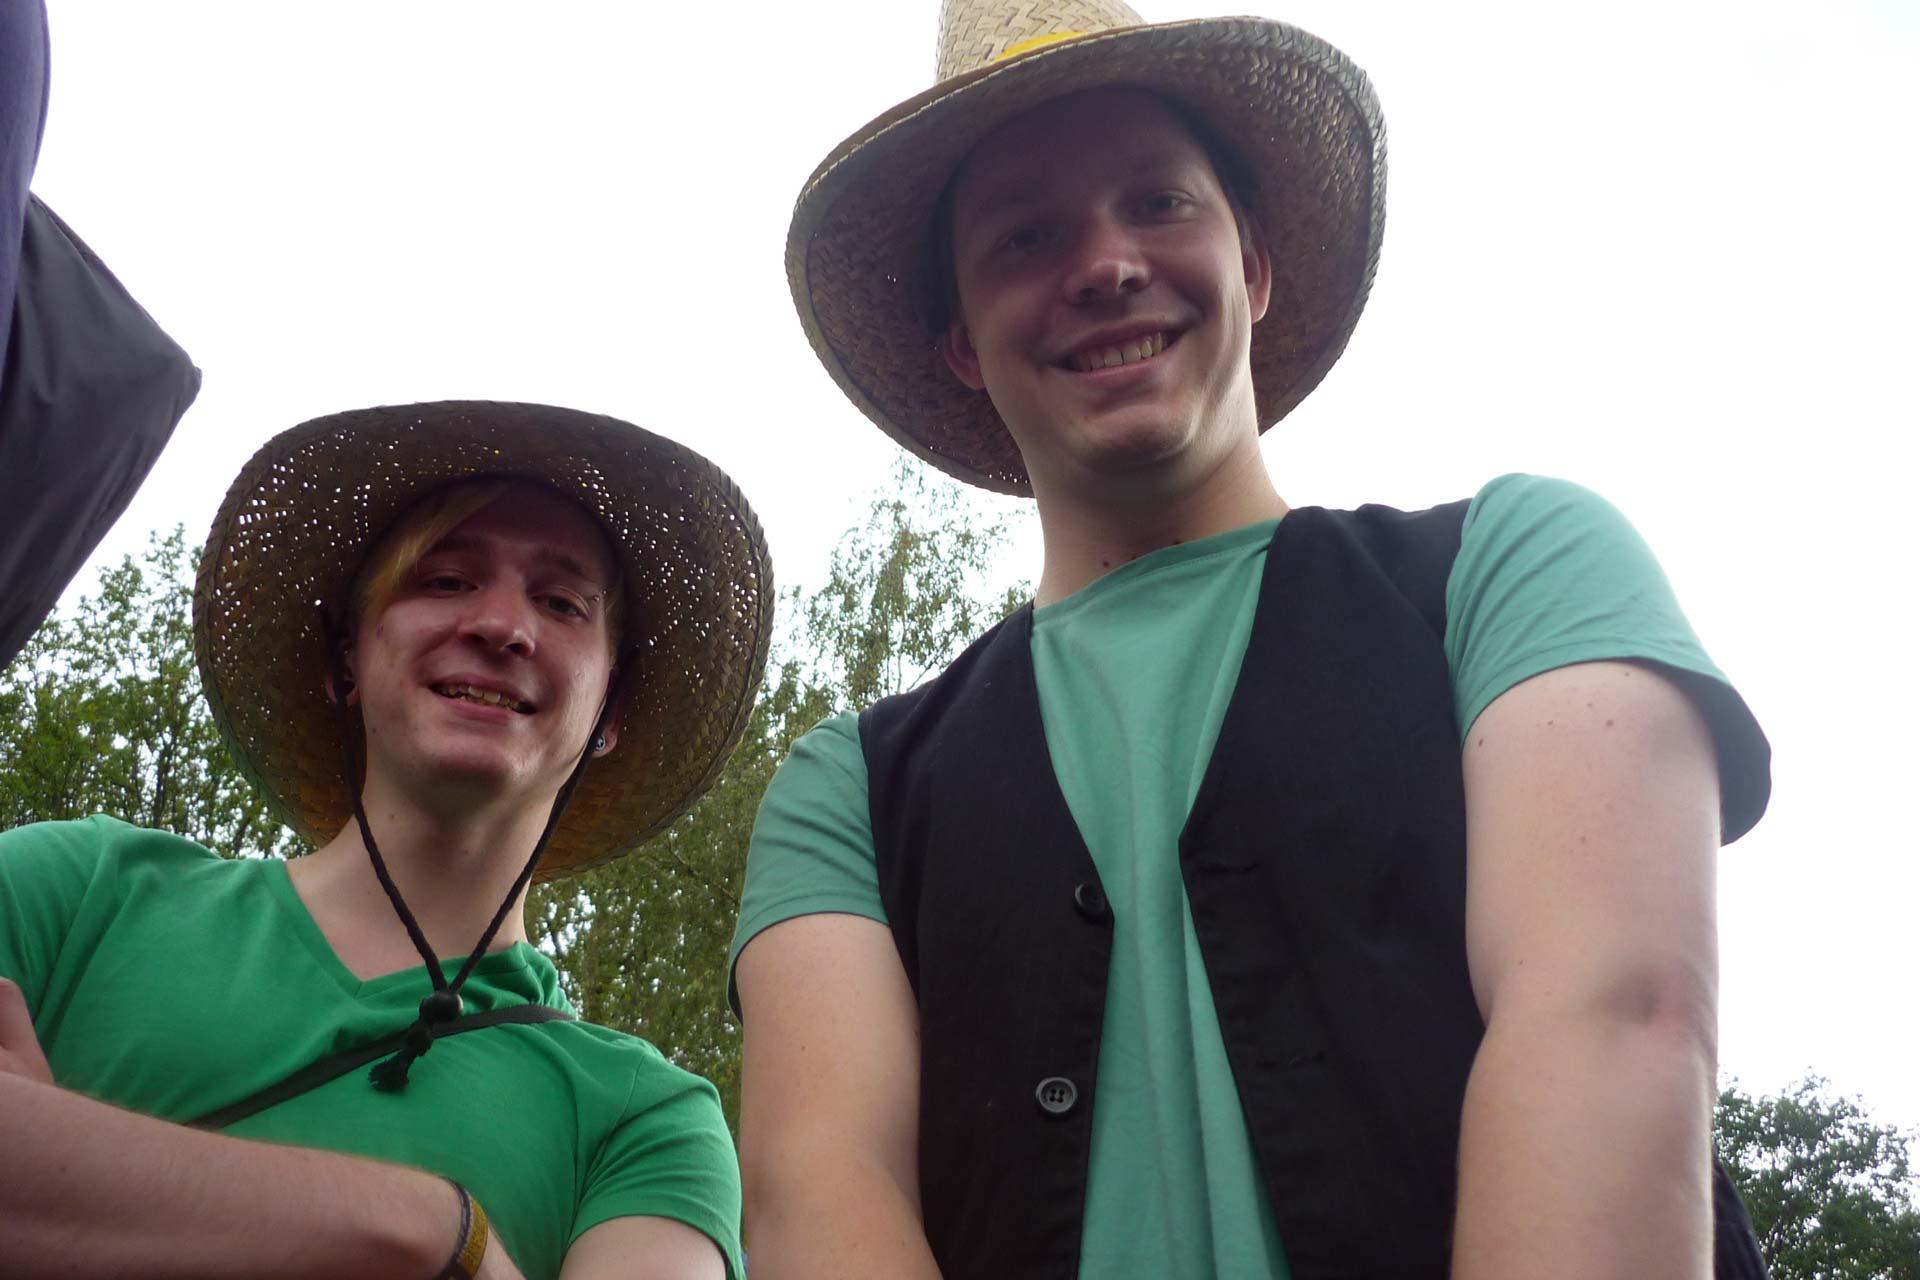 Hurricane Festival 2011: Grün in der Schlange